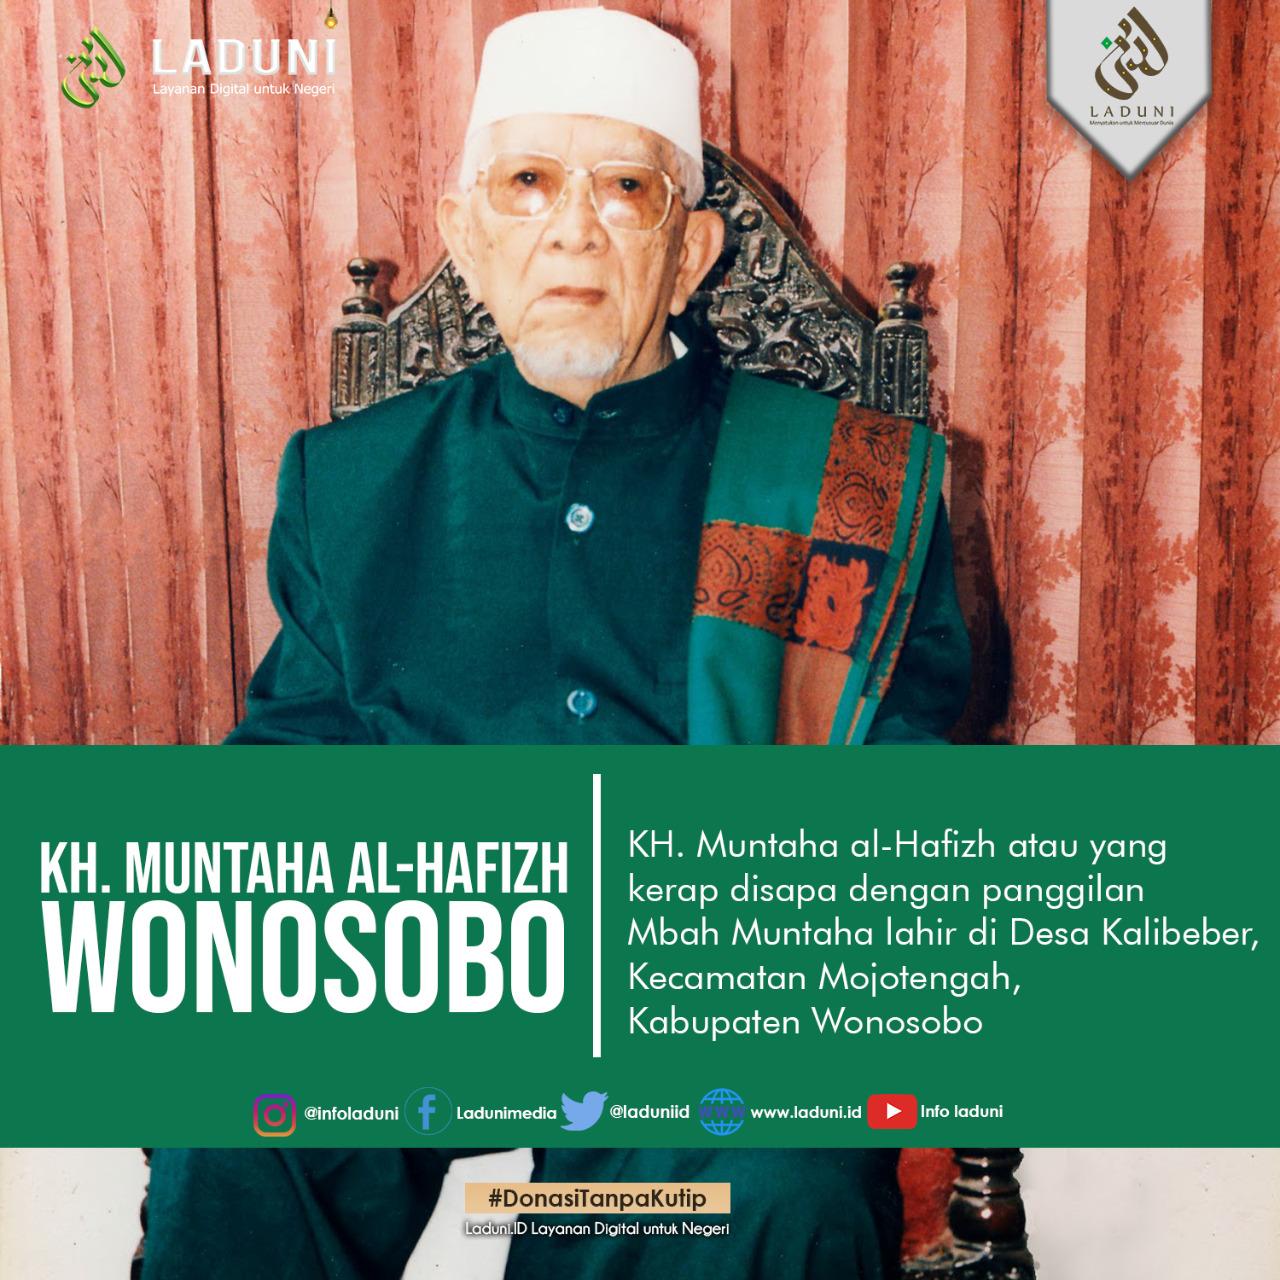 Biografi KH. Muntaha al-Hafizh